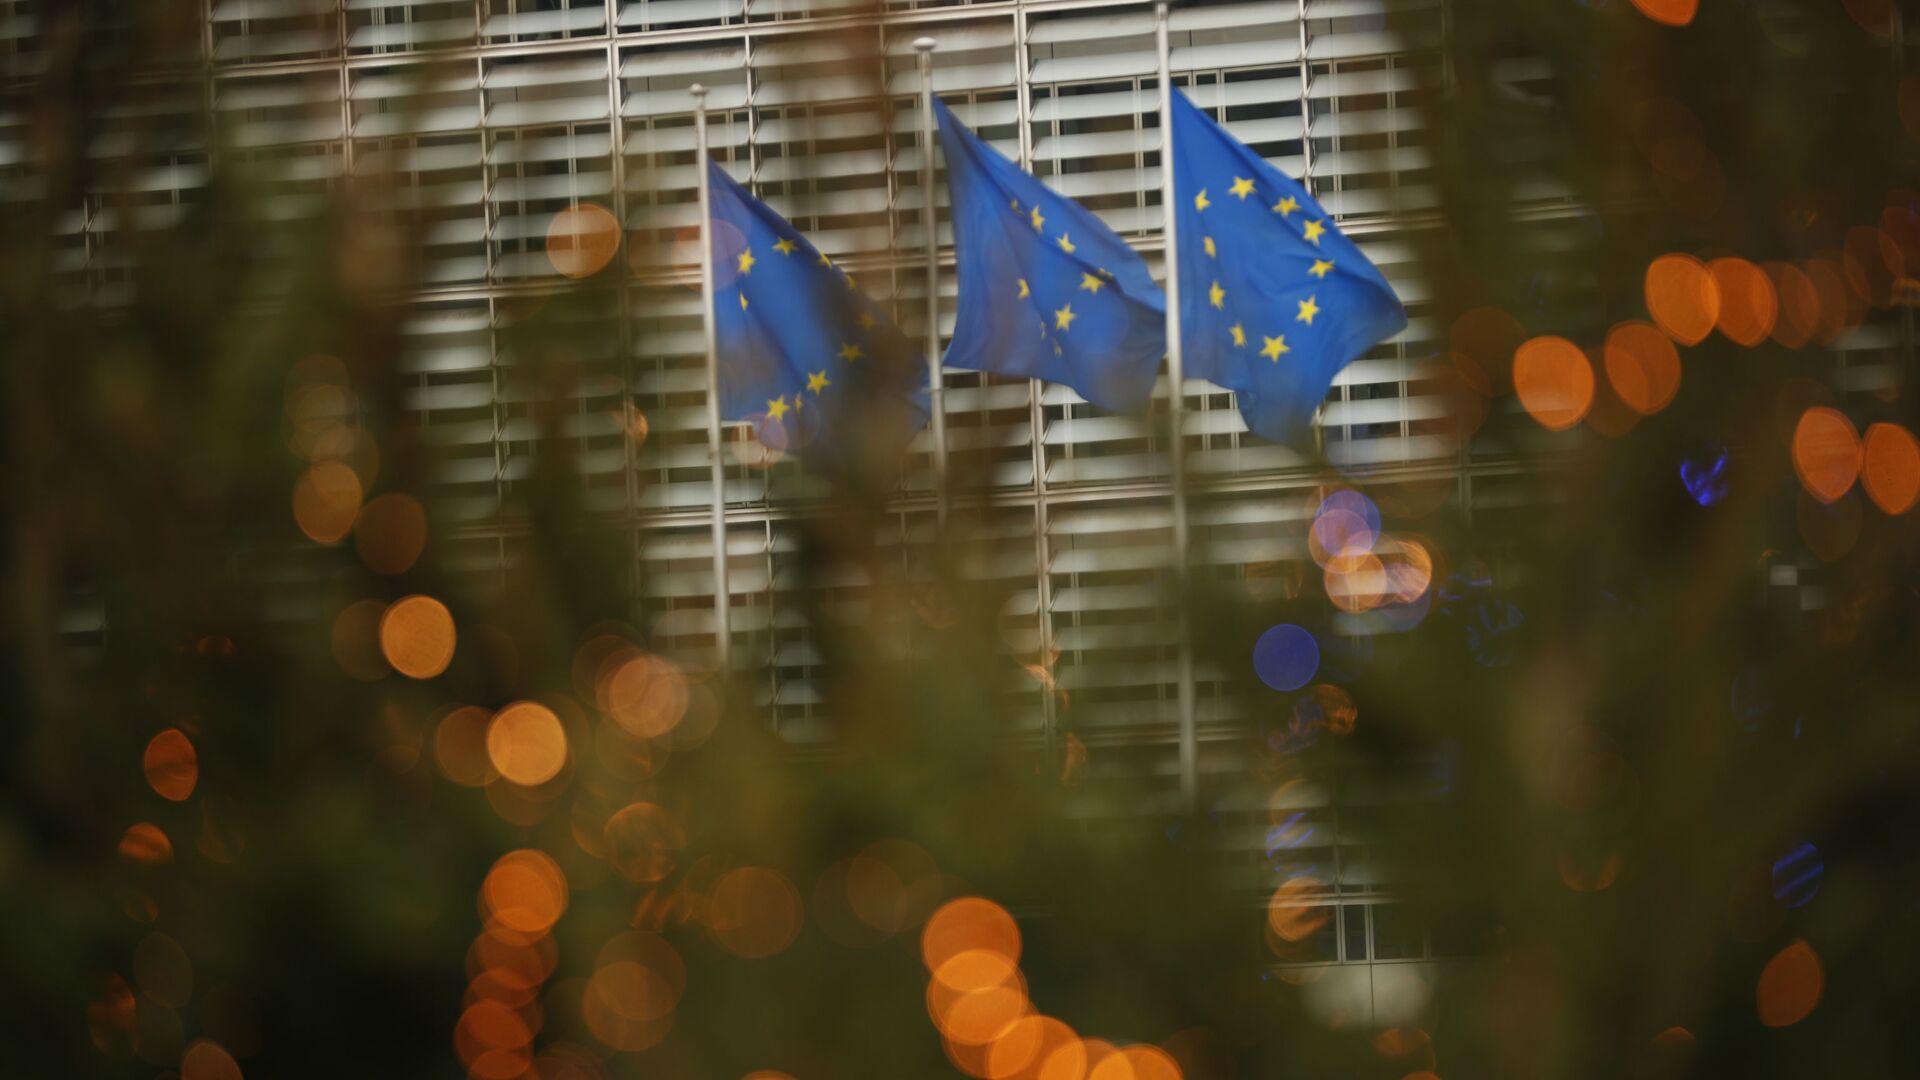 Заставе Европске уније испред седишта ЕУ у Бриселу - Sputnik Србија, 1920, 02.10.2021